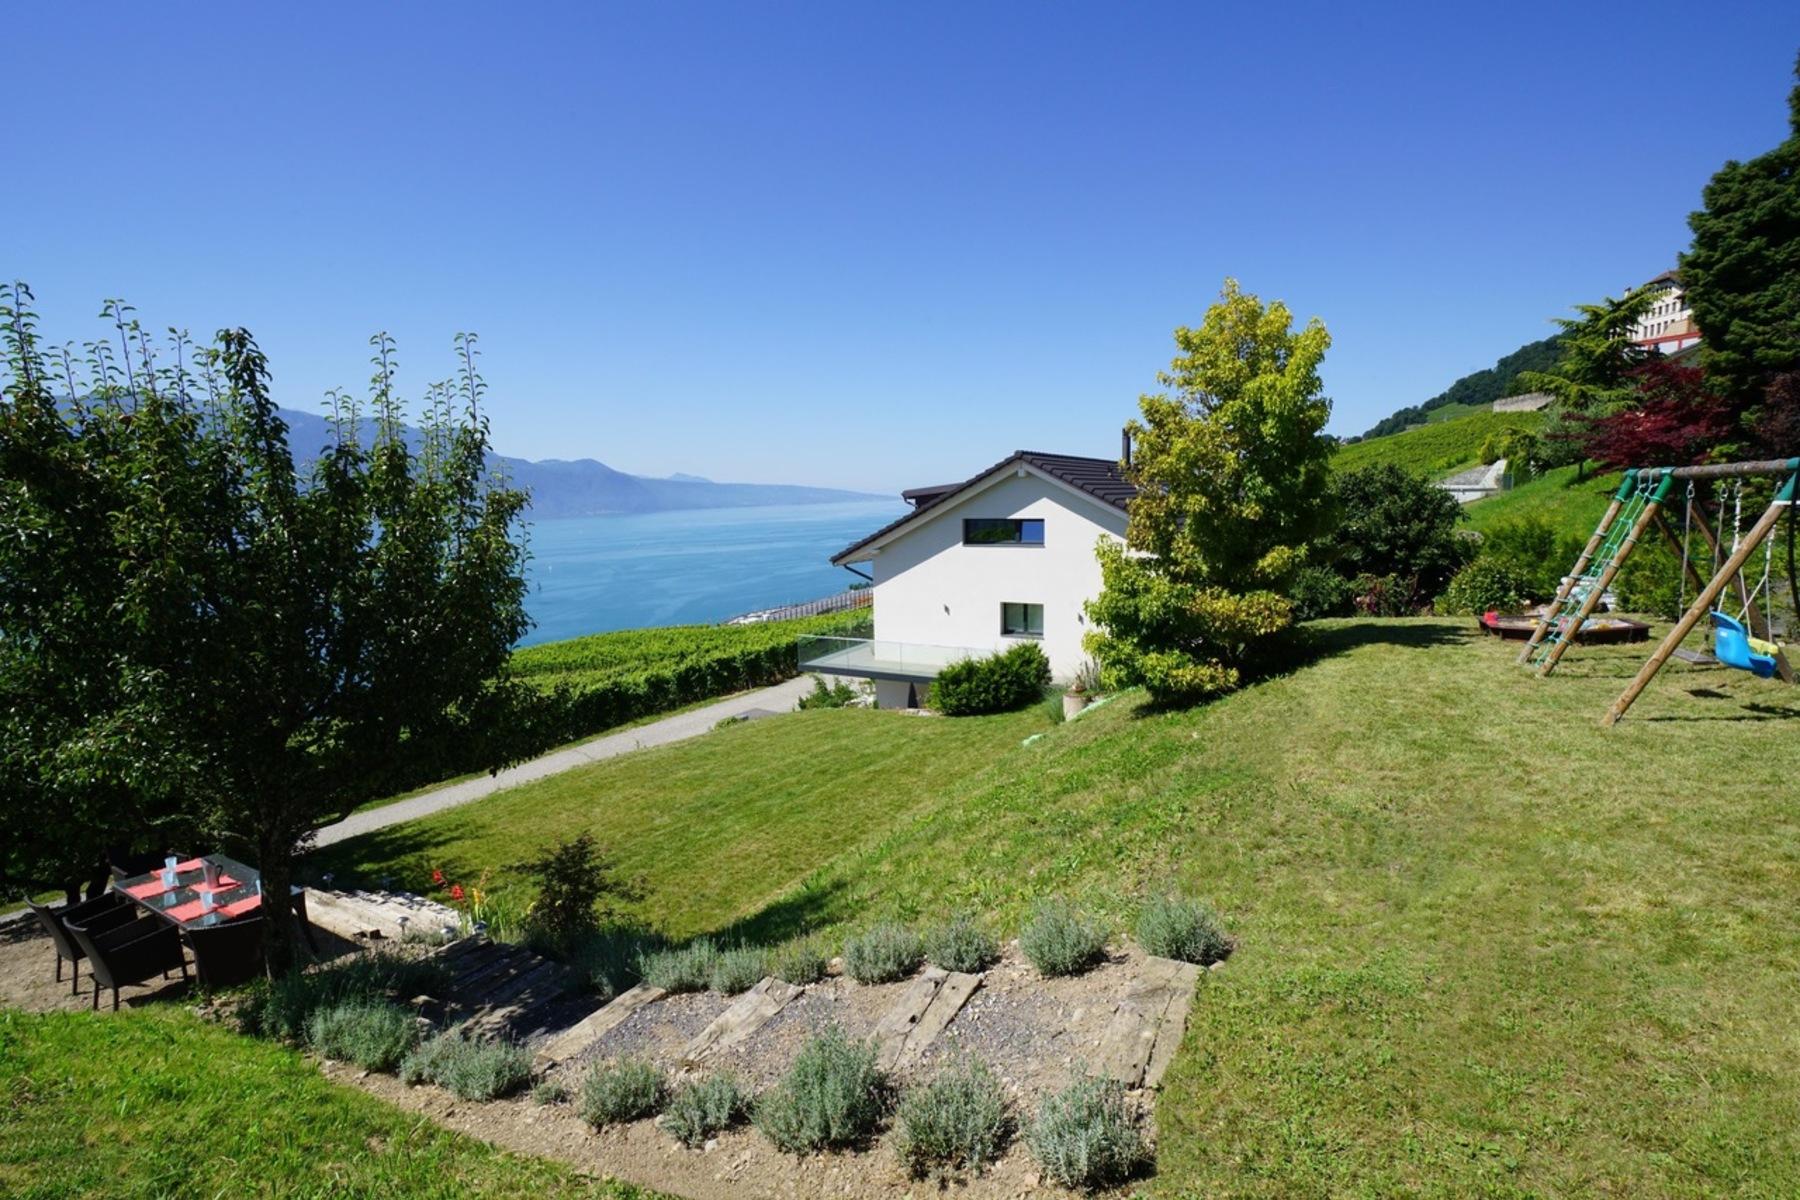 Maison unifamiliale pour l Vente à Contemporary property with 480 m² of living space and unobstructed lake views Chardonne, Chardonne, Vaud, 1803 Suisse